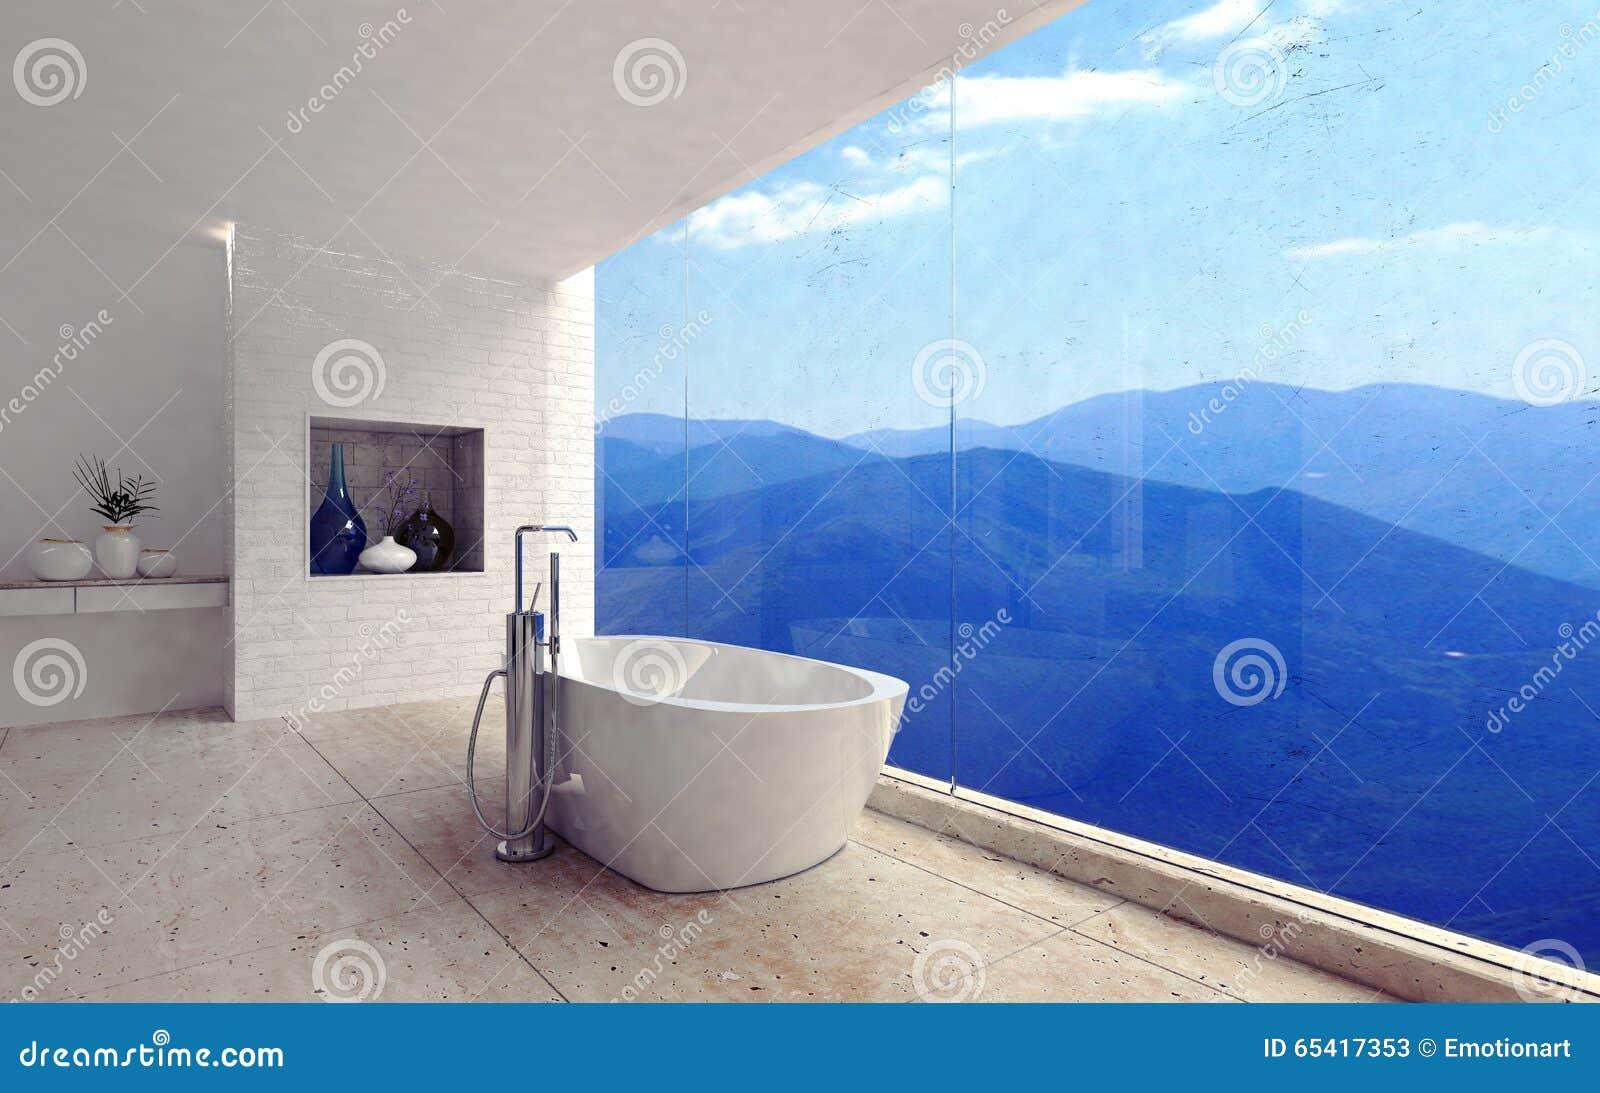 Luxe moderne badkamers met een spectaculaire mening stock illustratie afbeelding 65417353 - Badkamers ...